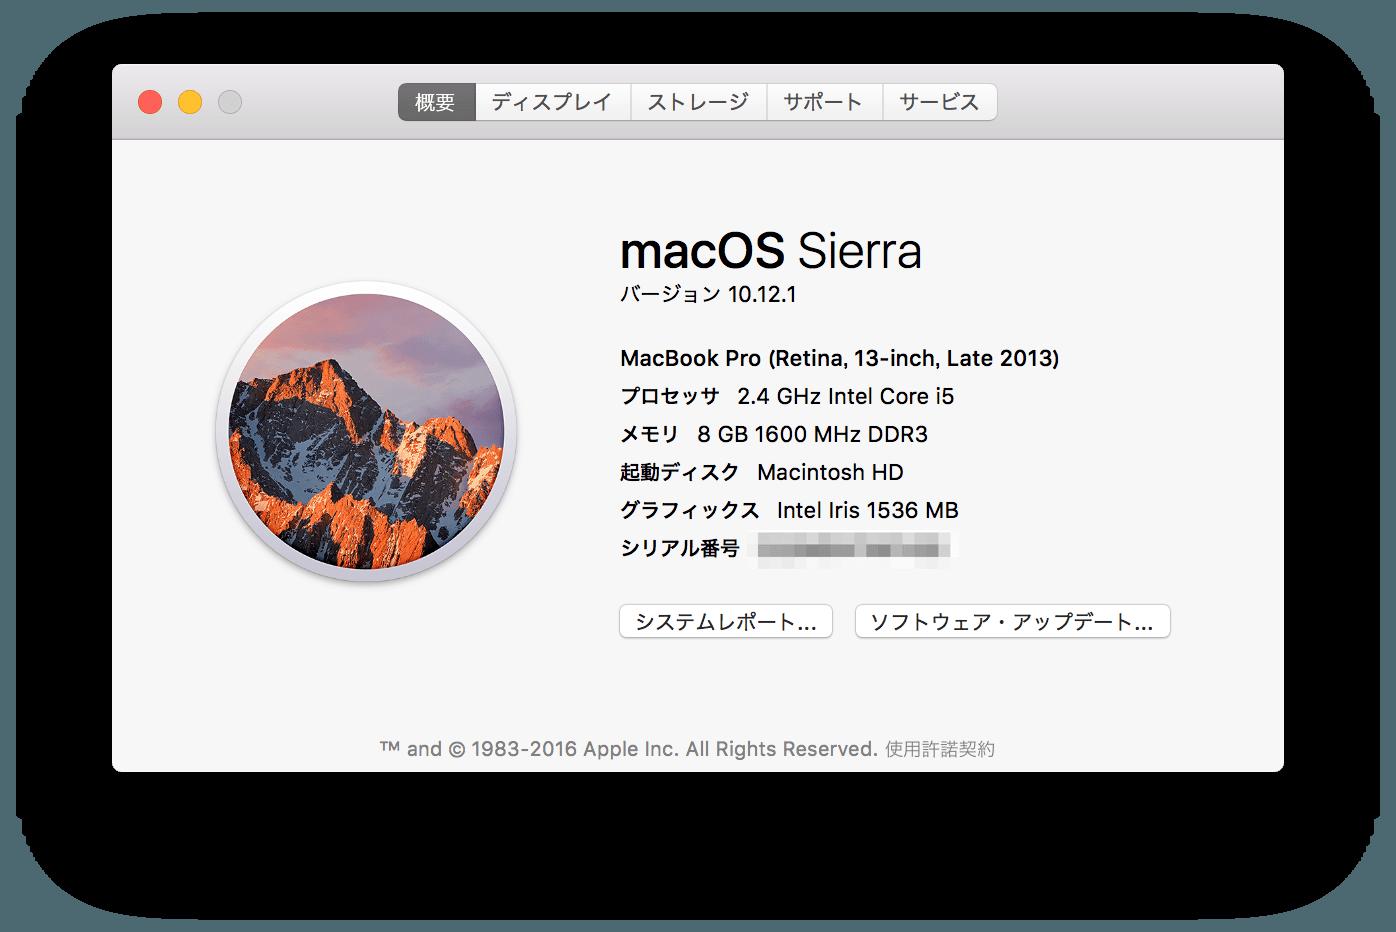 macos_sierra-1